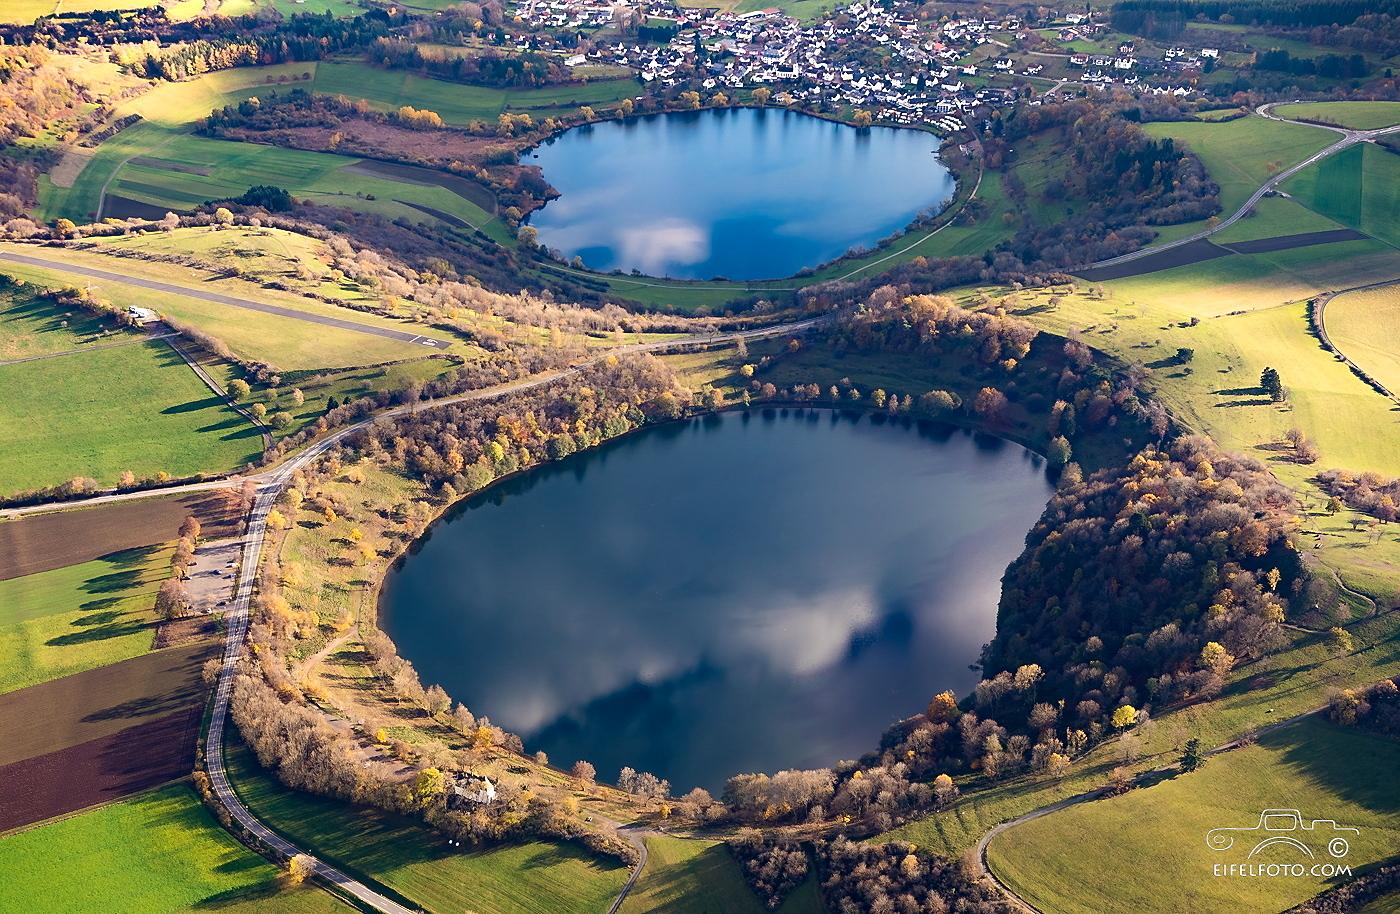 Luftbild: Das Weinfelder Maar (Totenmaar) und im Hintergrund das Schalkenmehrener Maar